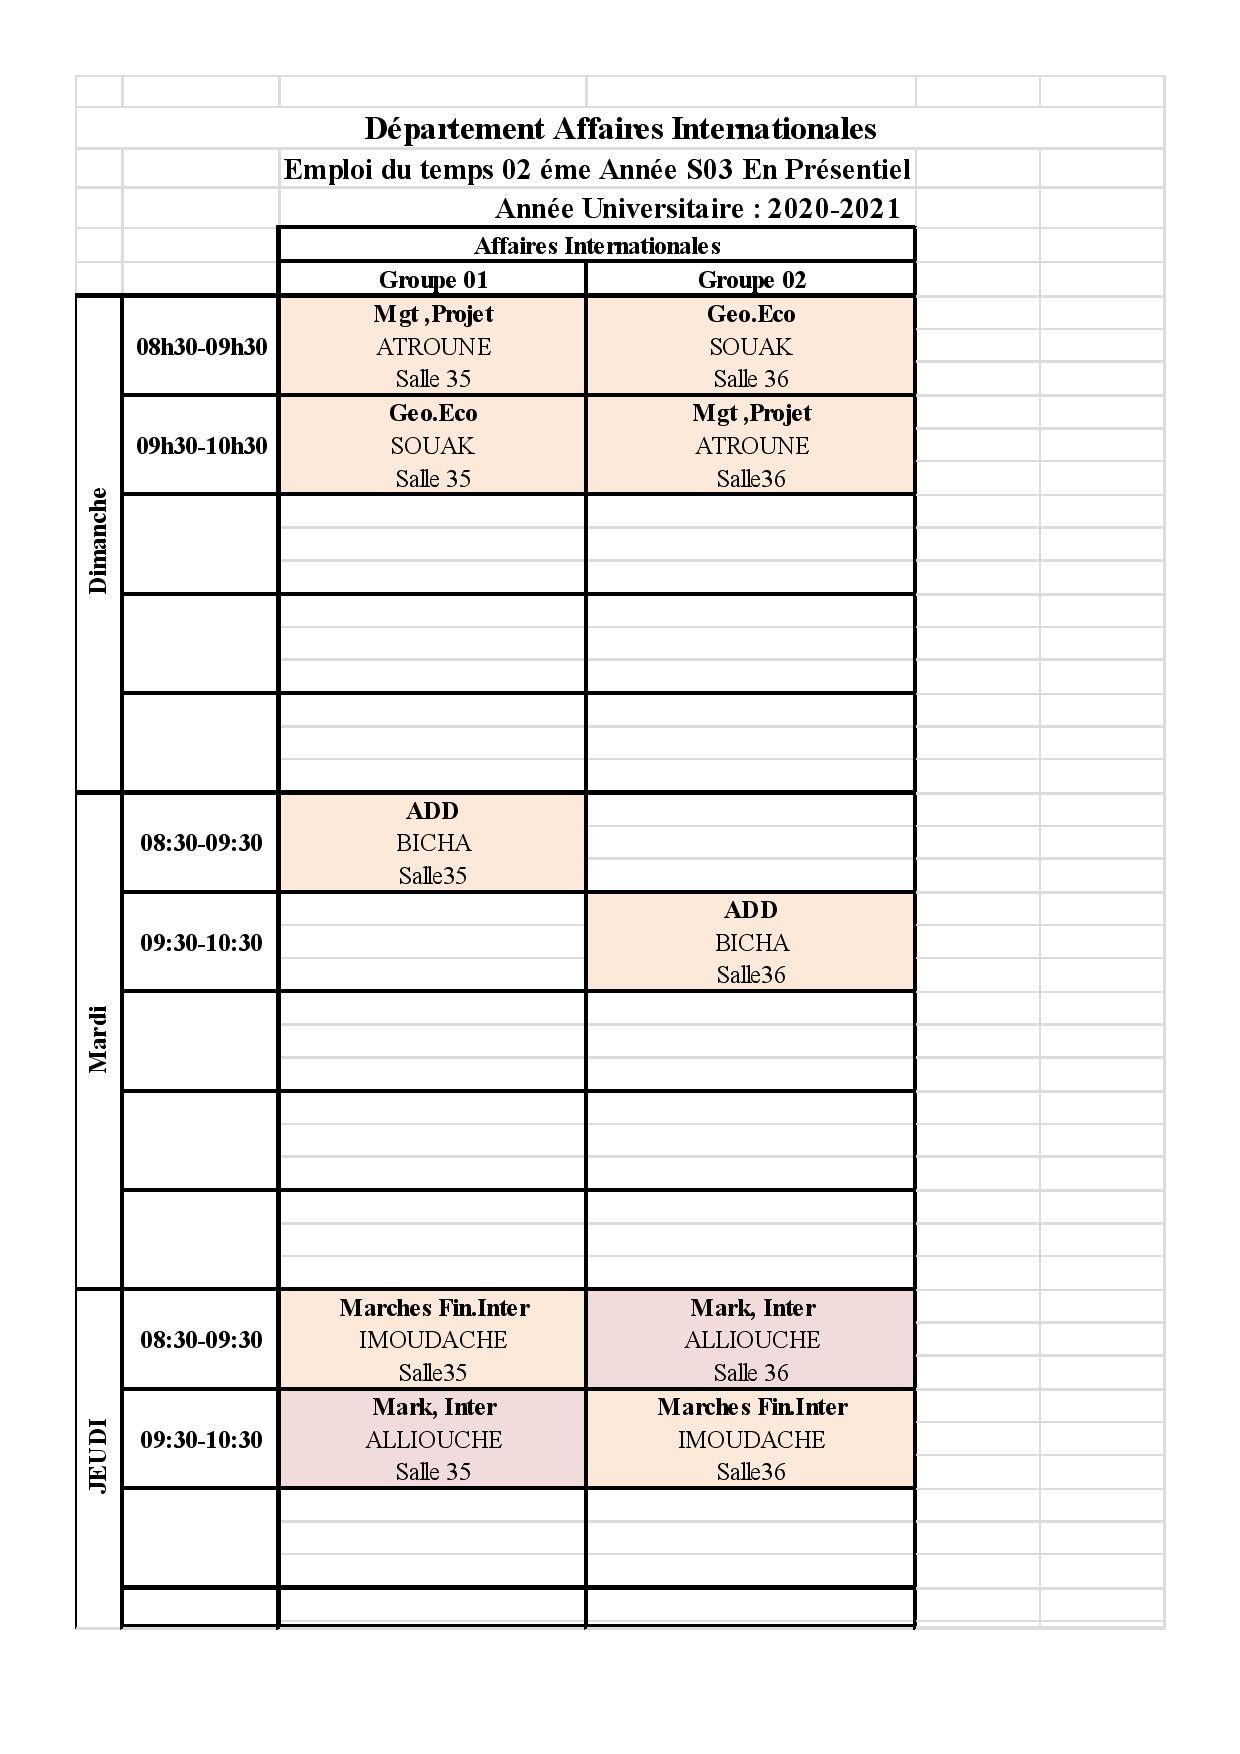 جدول التوقيت للدروس الحضورية لطور الماستر